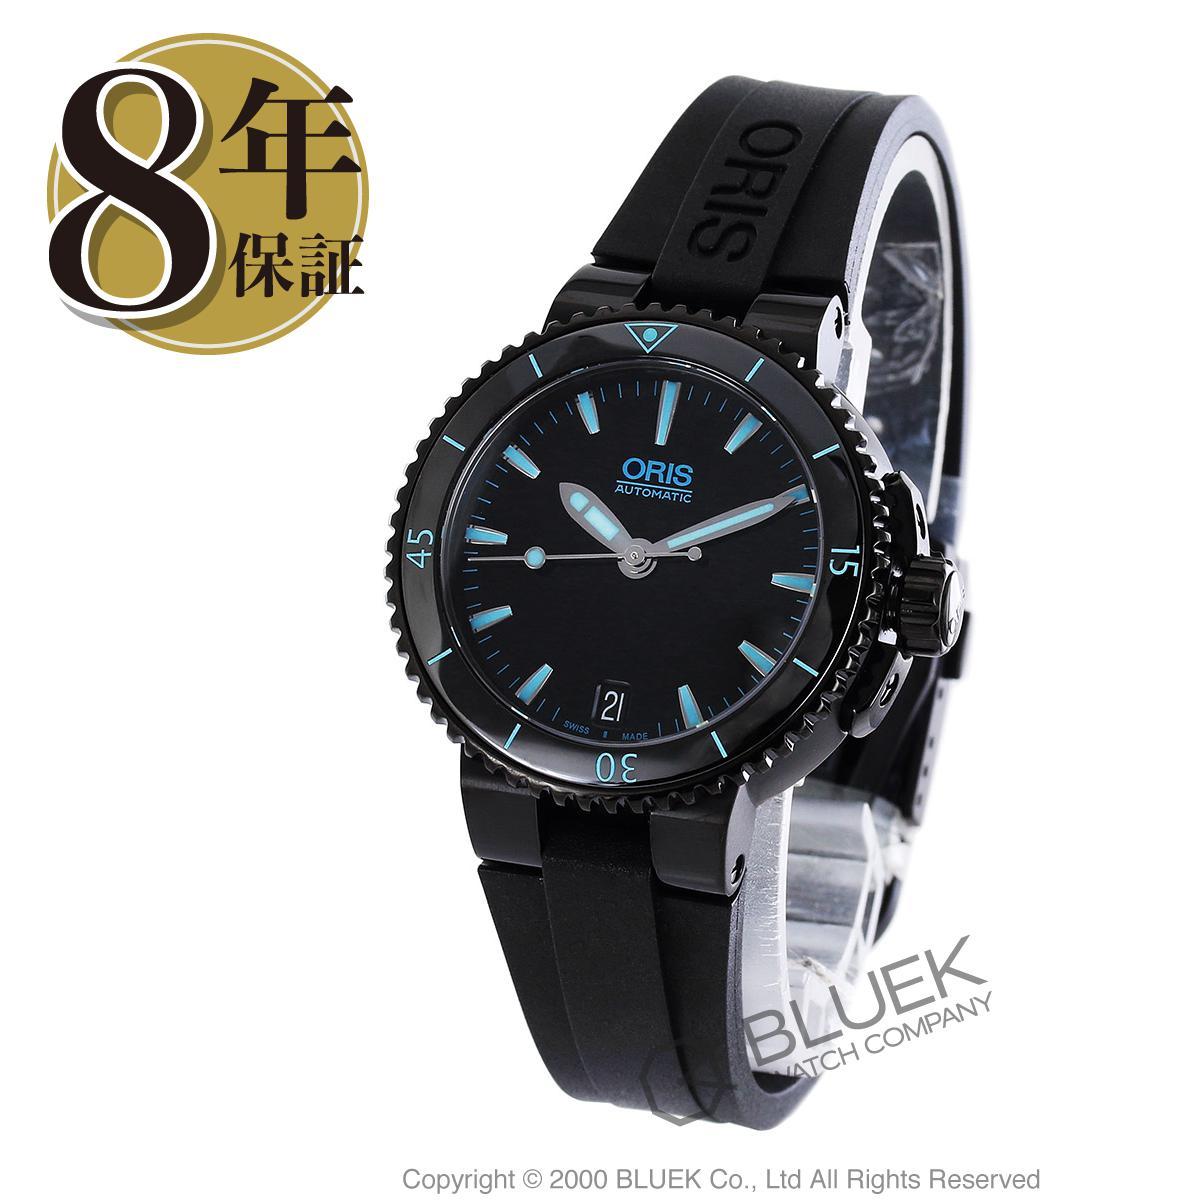 オリス ORIS 腕時計 アクイス デイト 300m防水 レディース 733 7652 4725R_8